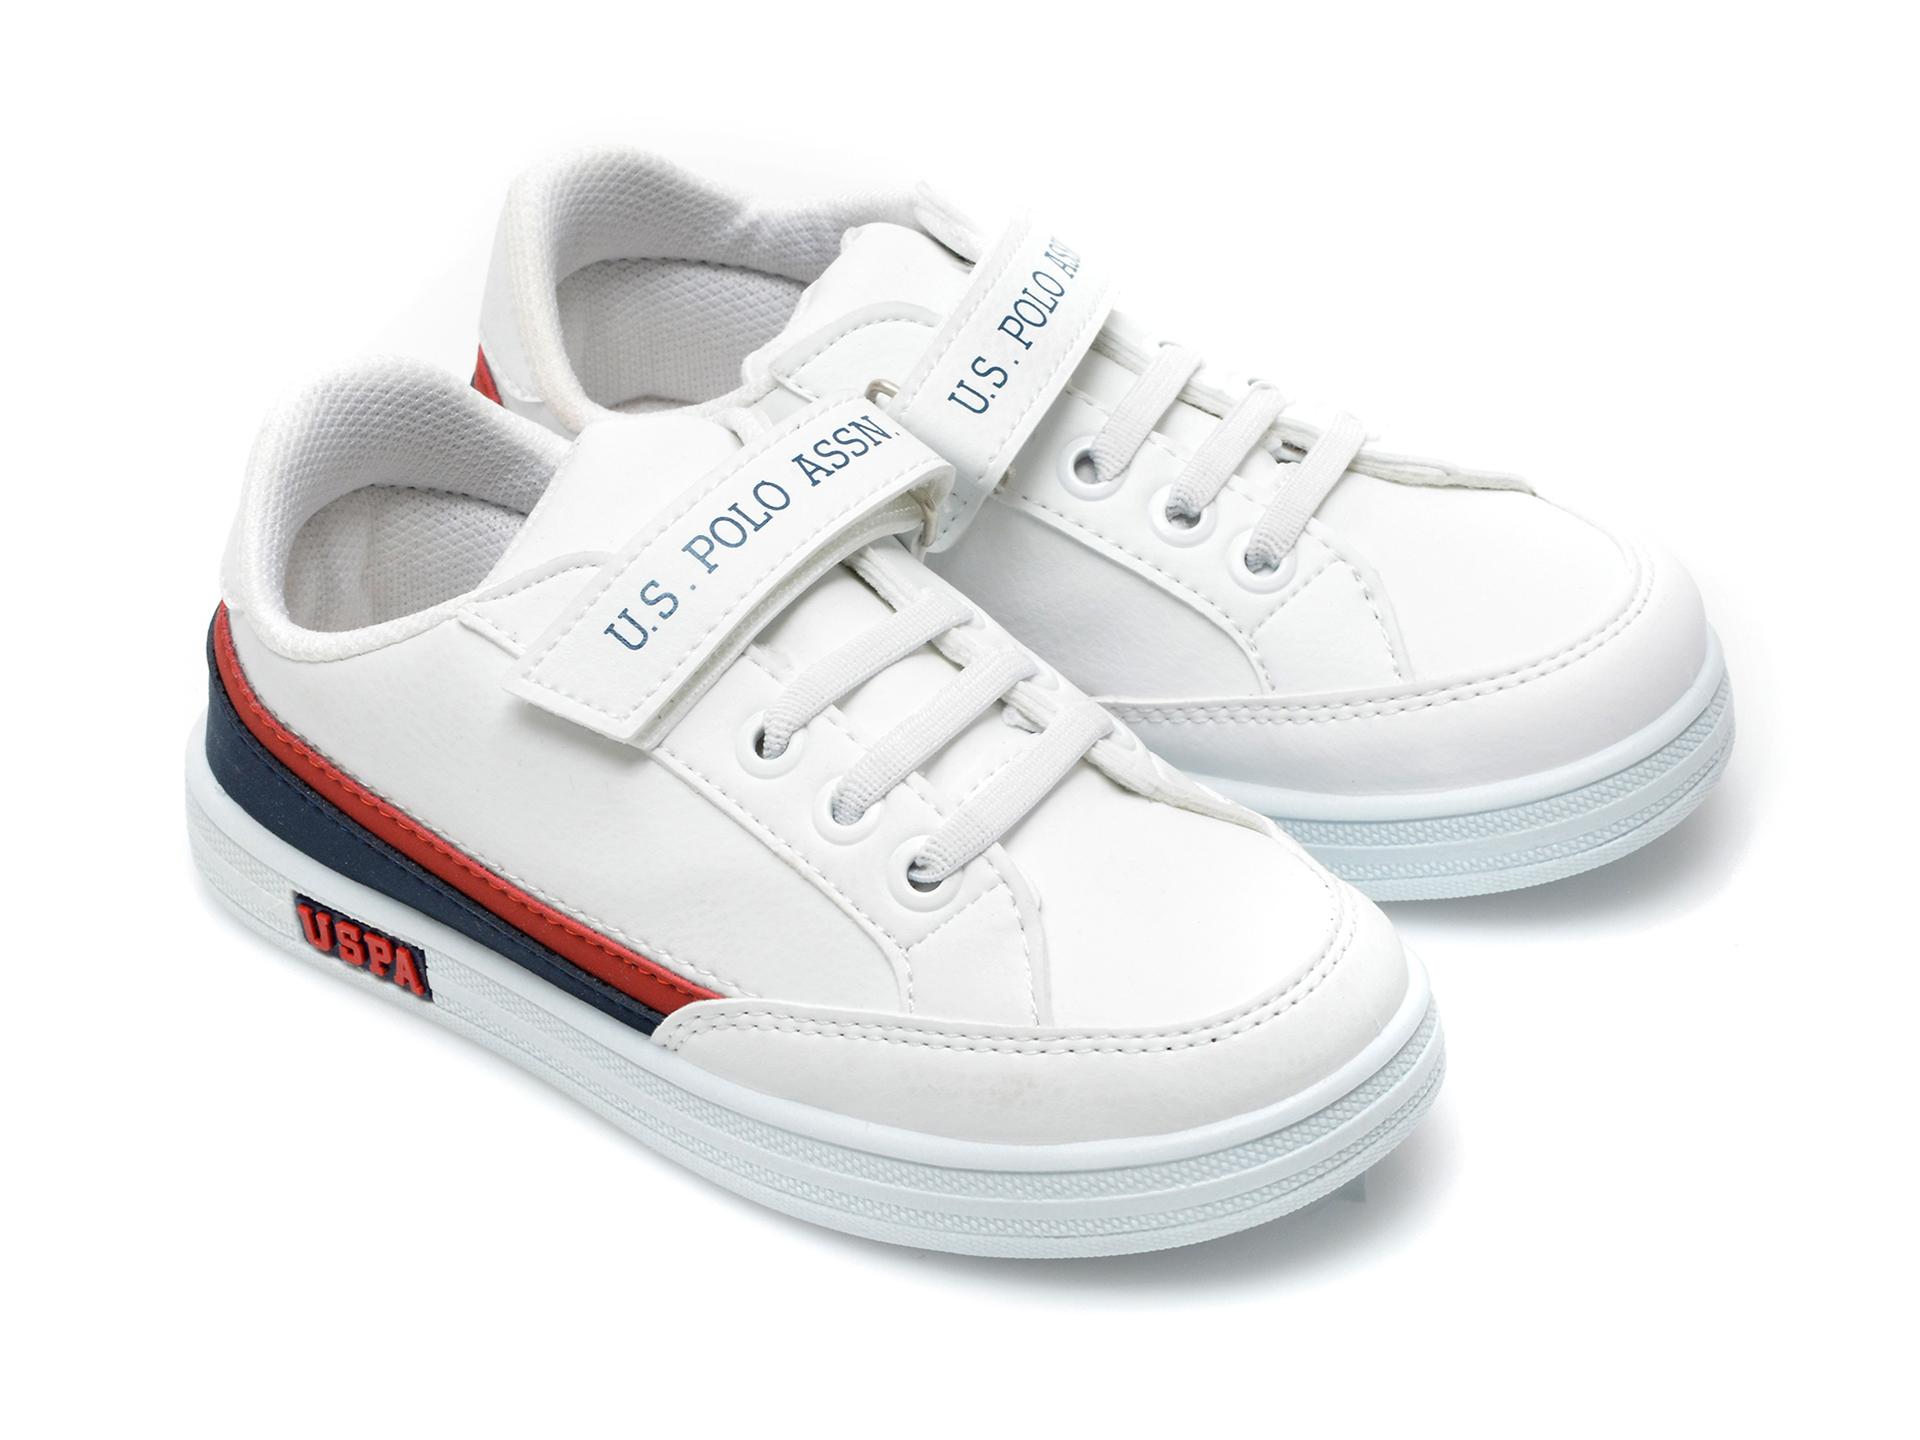 Pantofi sport US POLO ASSN albi, JAMA1FX, din piele ecologica - 4